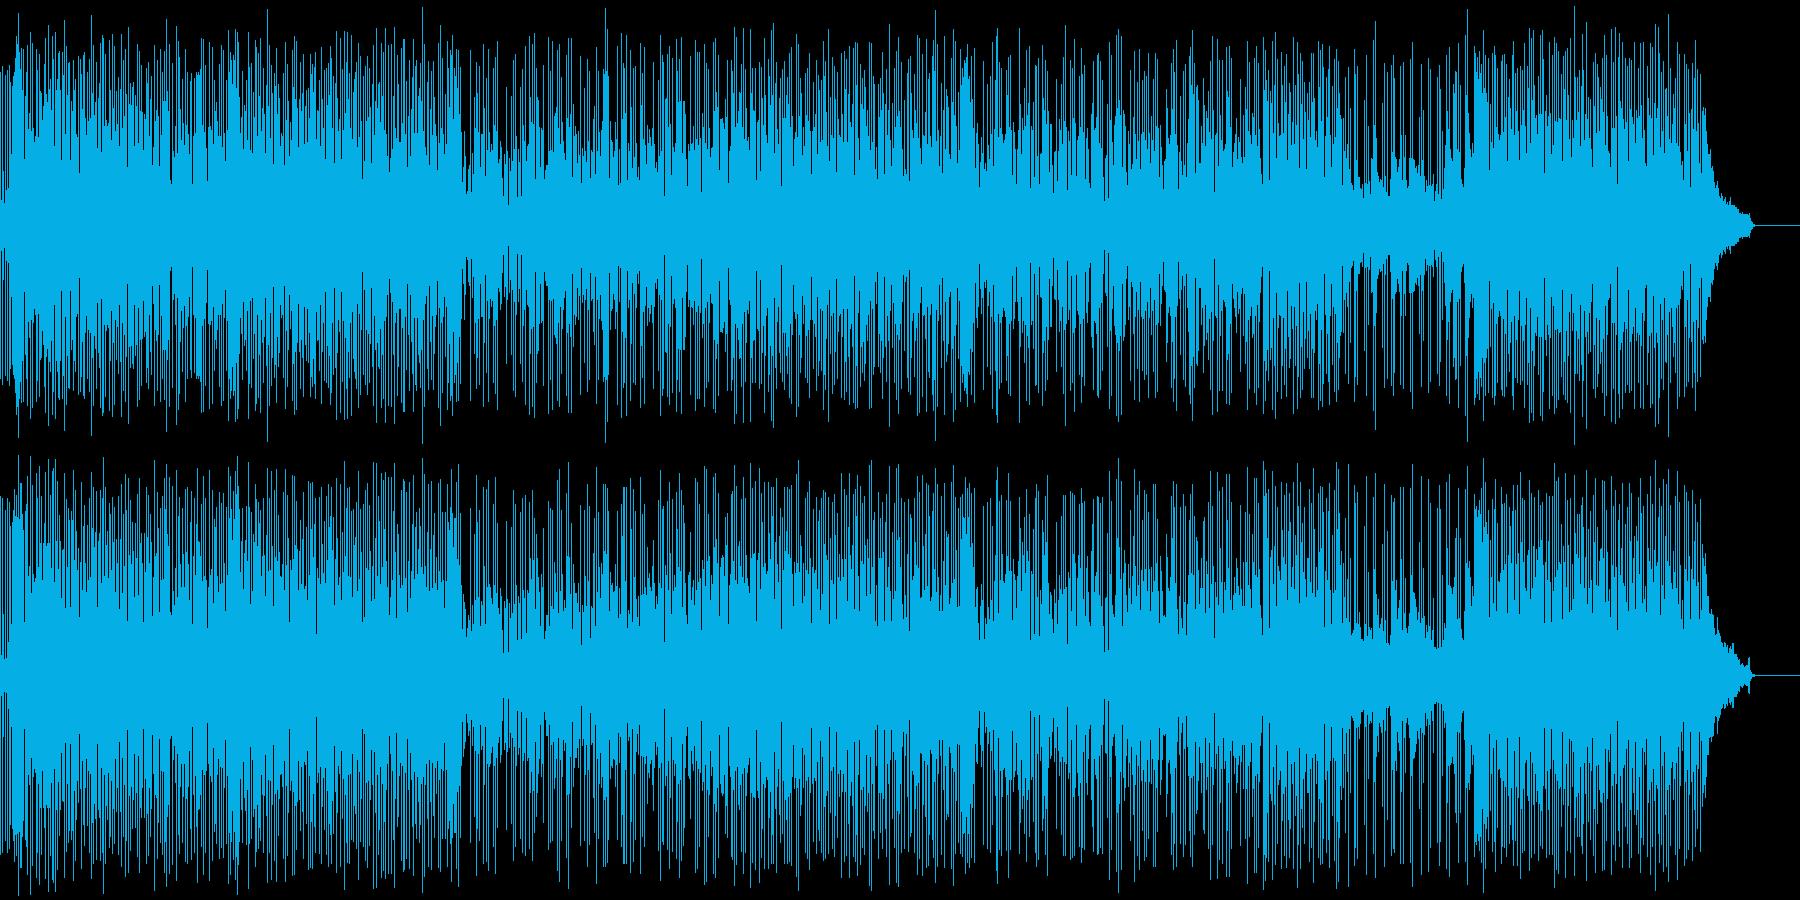 さわやかなオープニング曲の再生済みの波形